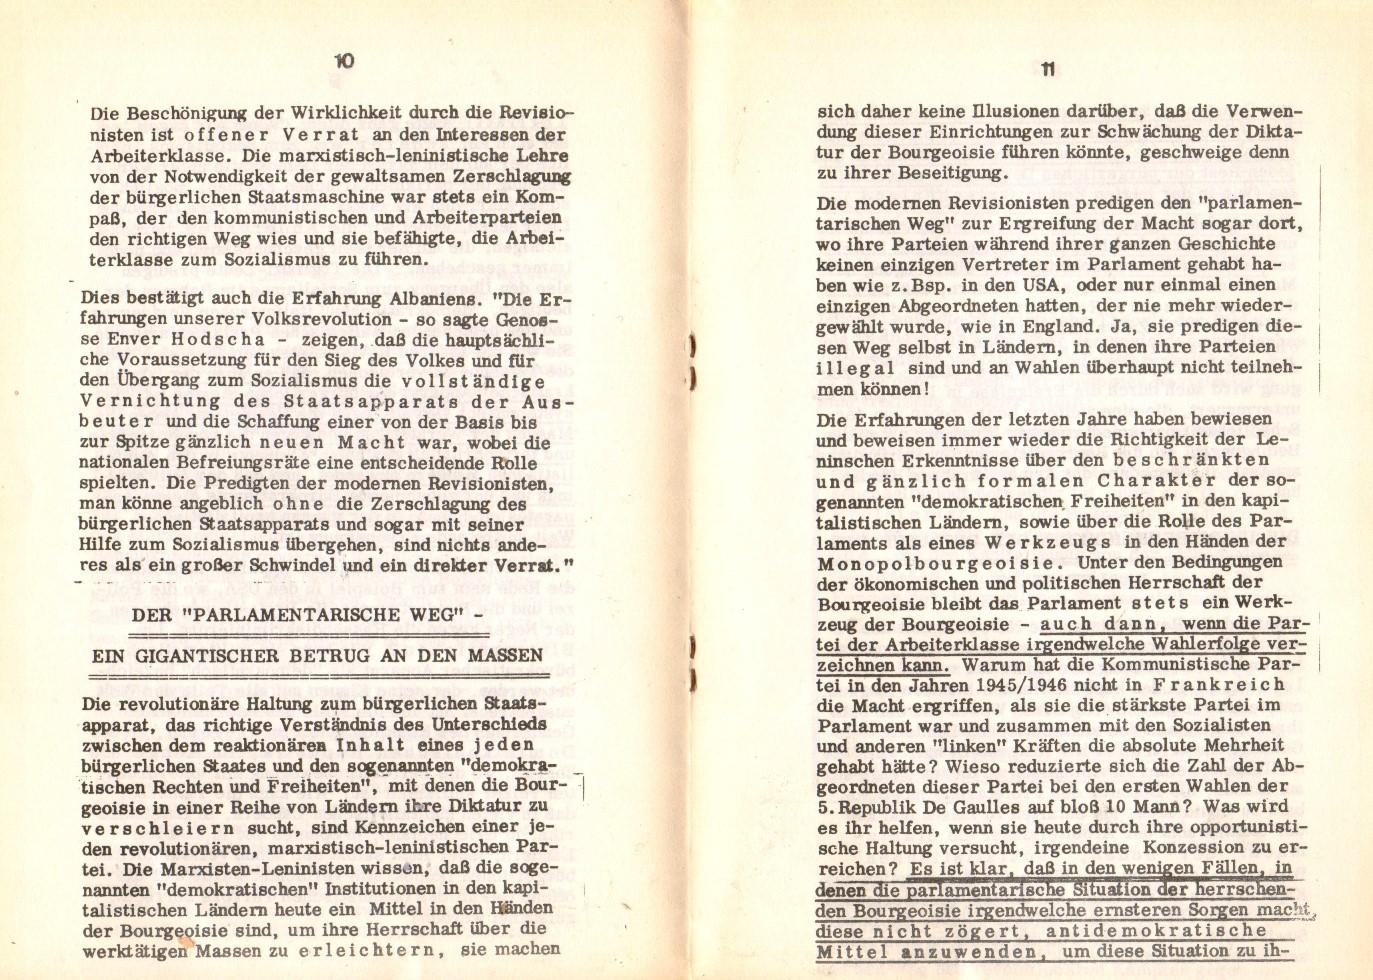 KPDML_1970_Lehre_ueber_Staat_und_Revolution_07